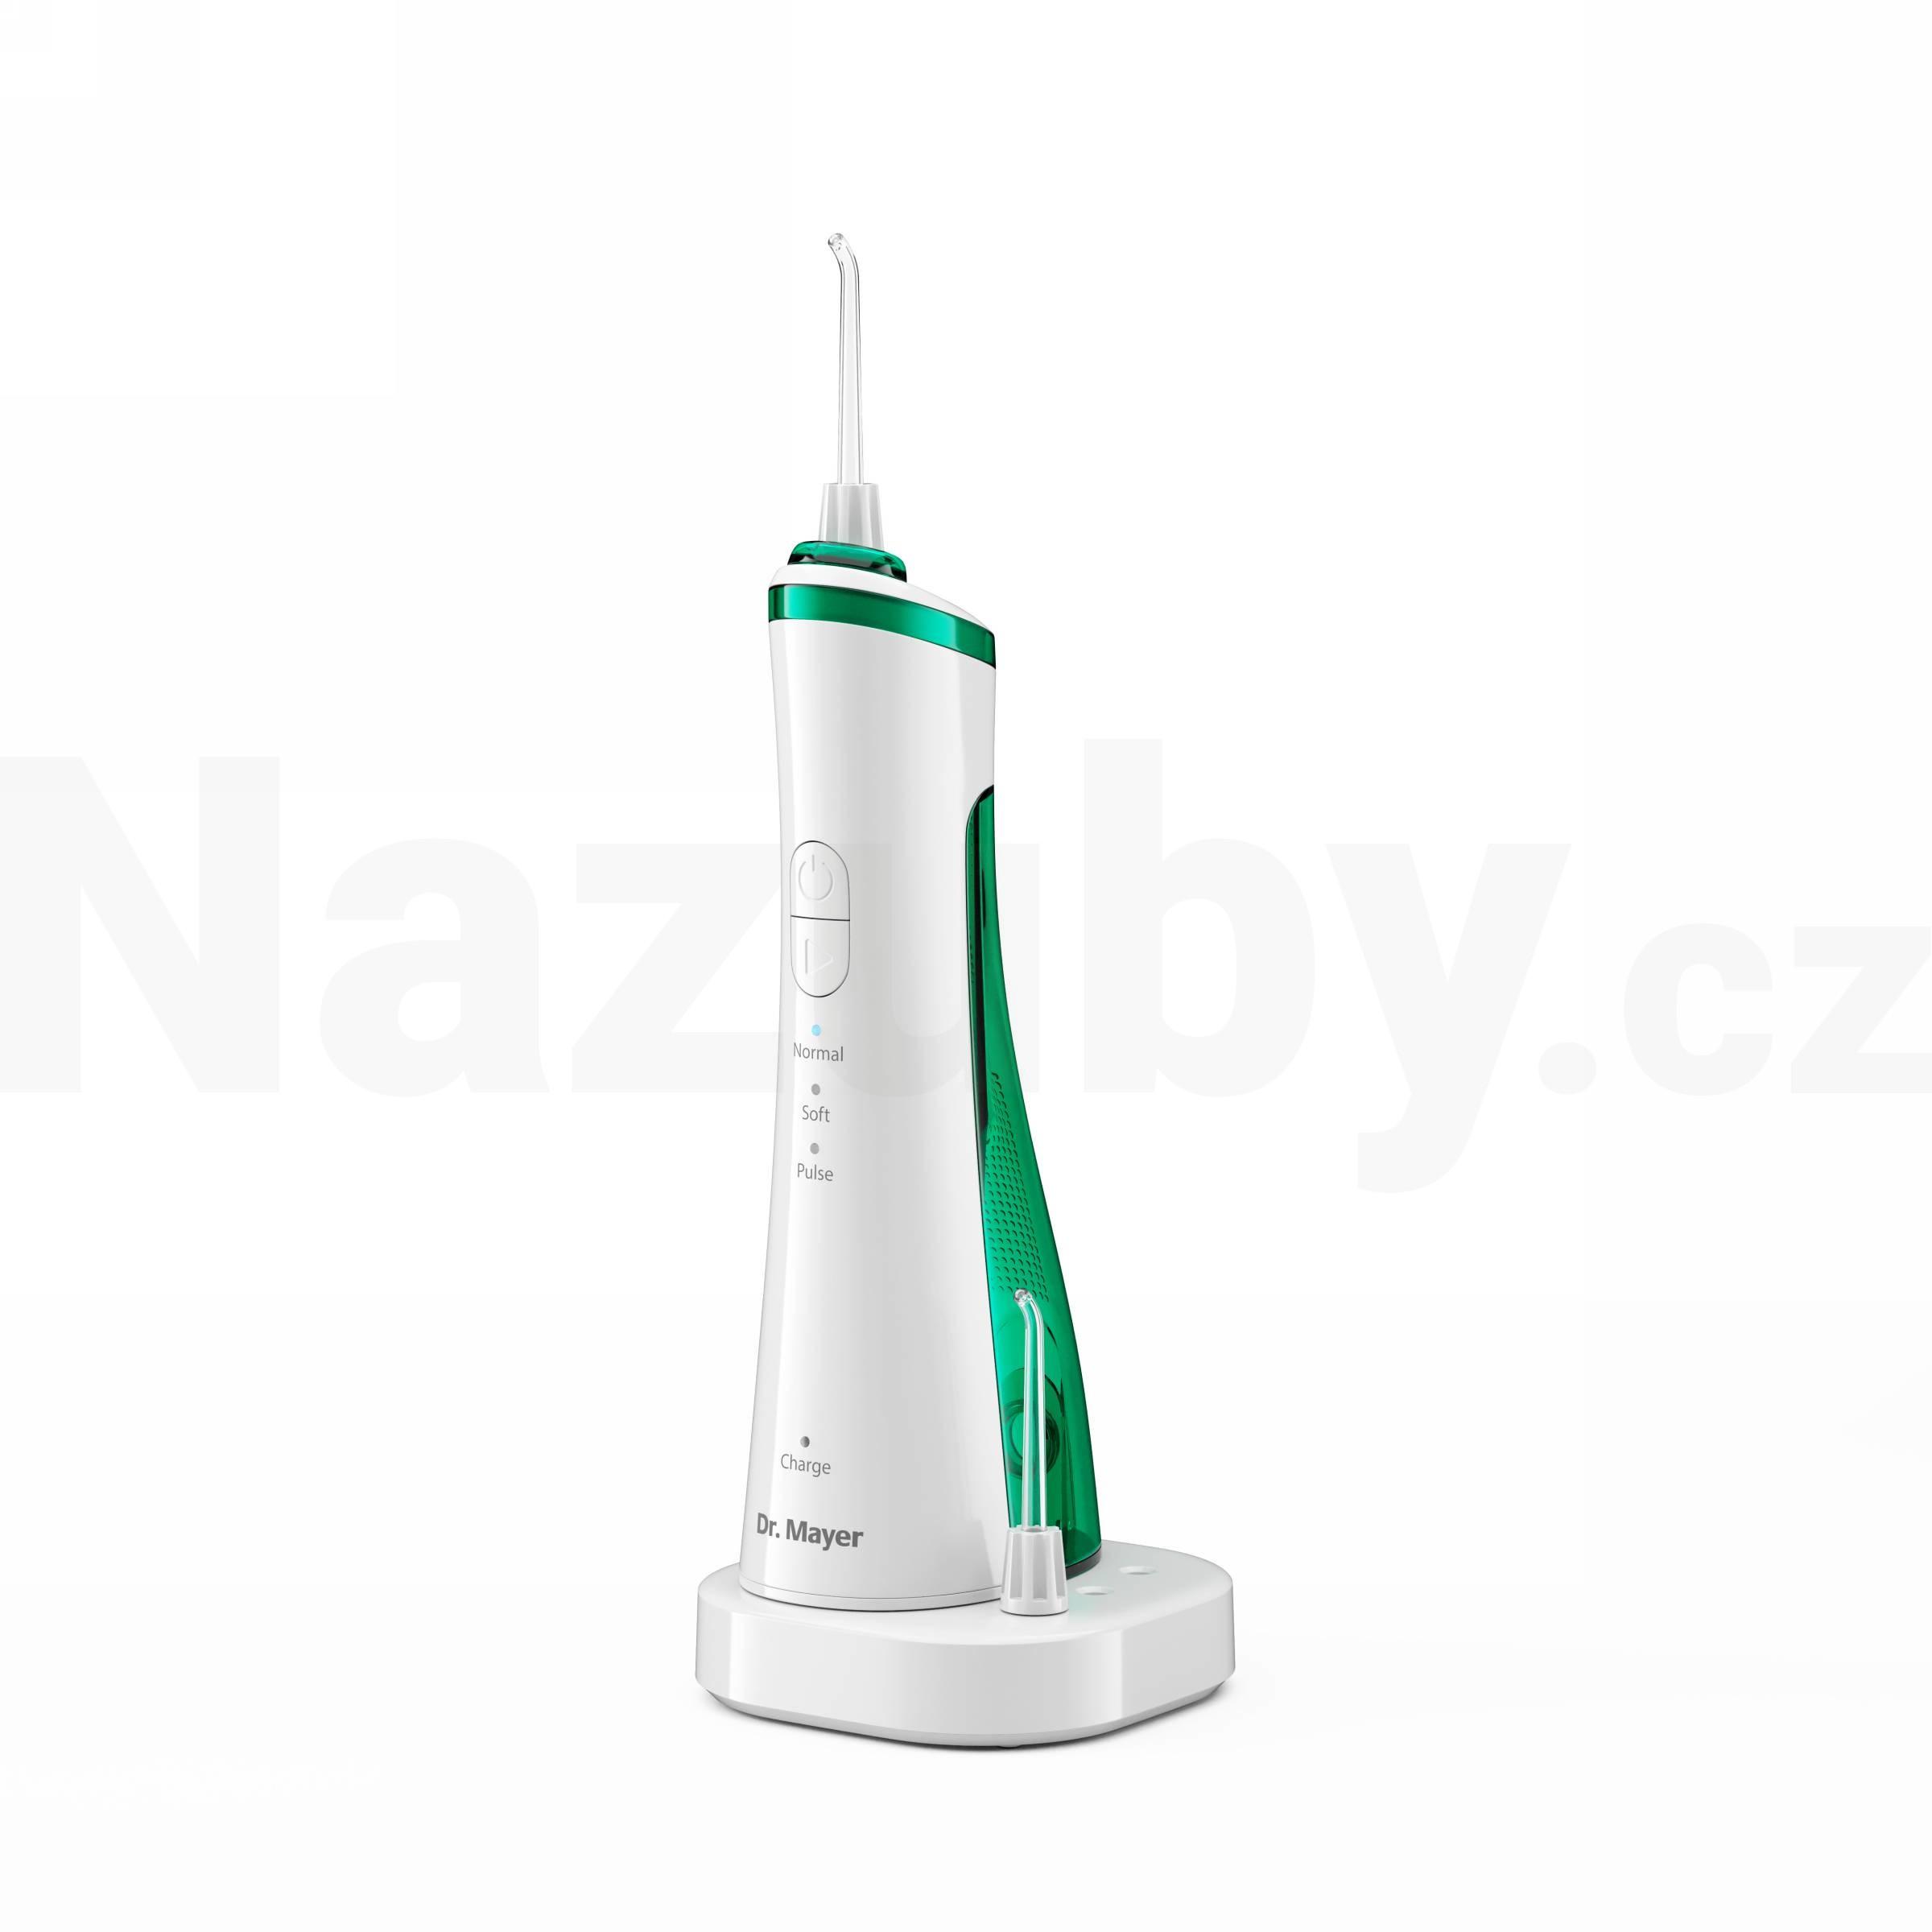 Dr. Mayer WT3500 ústní sprcha